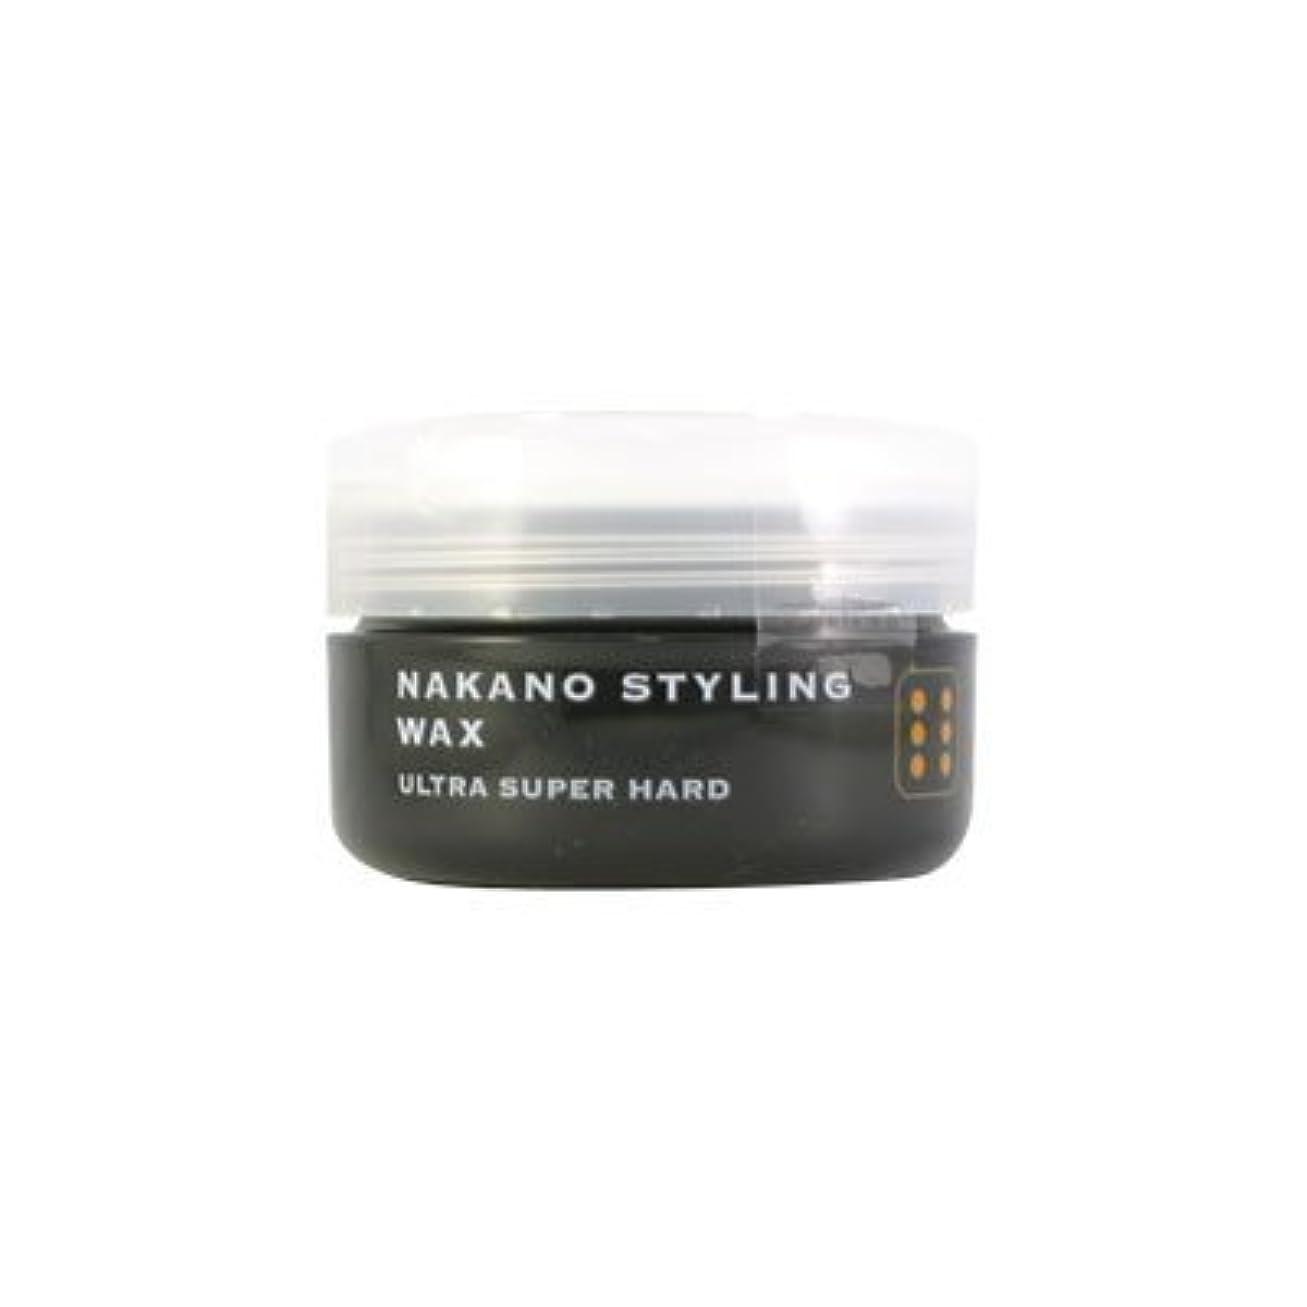 和申し立てる神秘ナカノ スタイリングワックス 6 ウルトラスーパーハード 90g 中野製薬 NAKANO